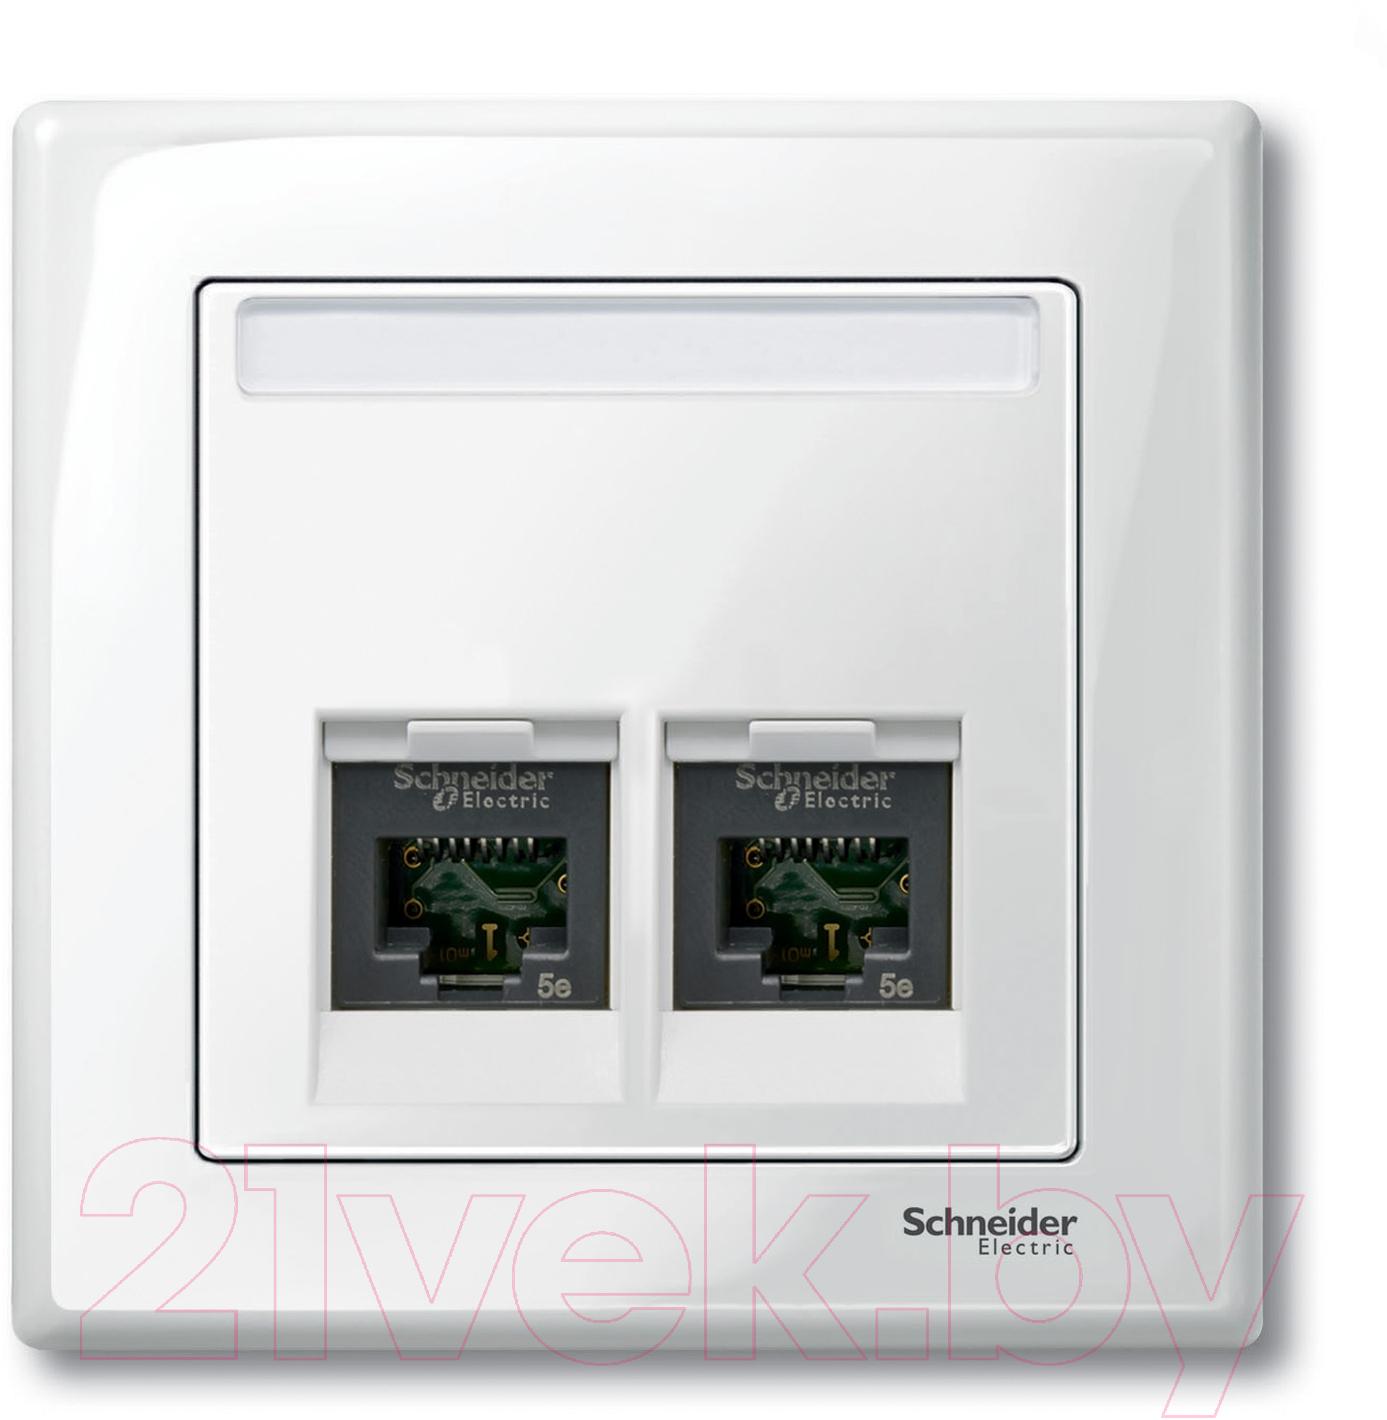 Лицевая панель для розетки Schneider Electric, Merten MTN469919, Россия, поликарбонат, Merten System M (Schneider Electric)  - купить со скидкой